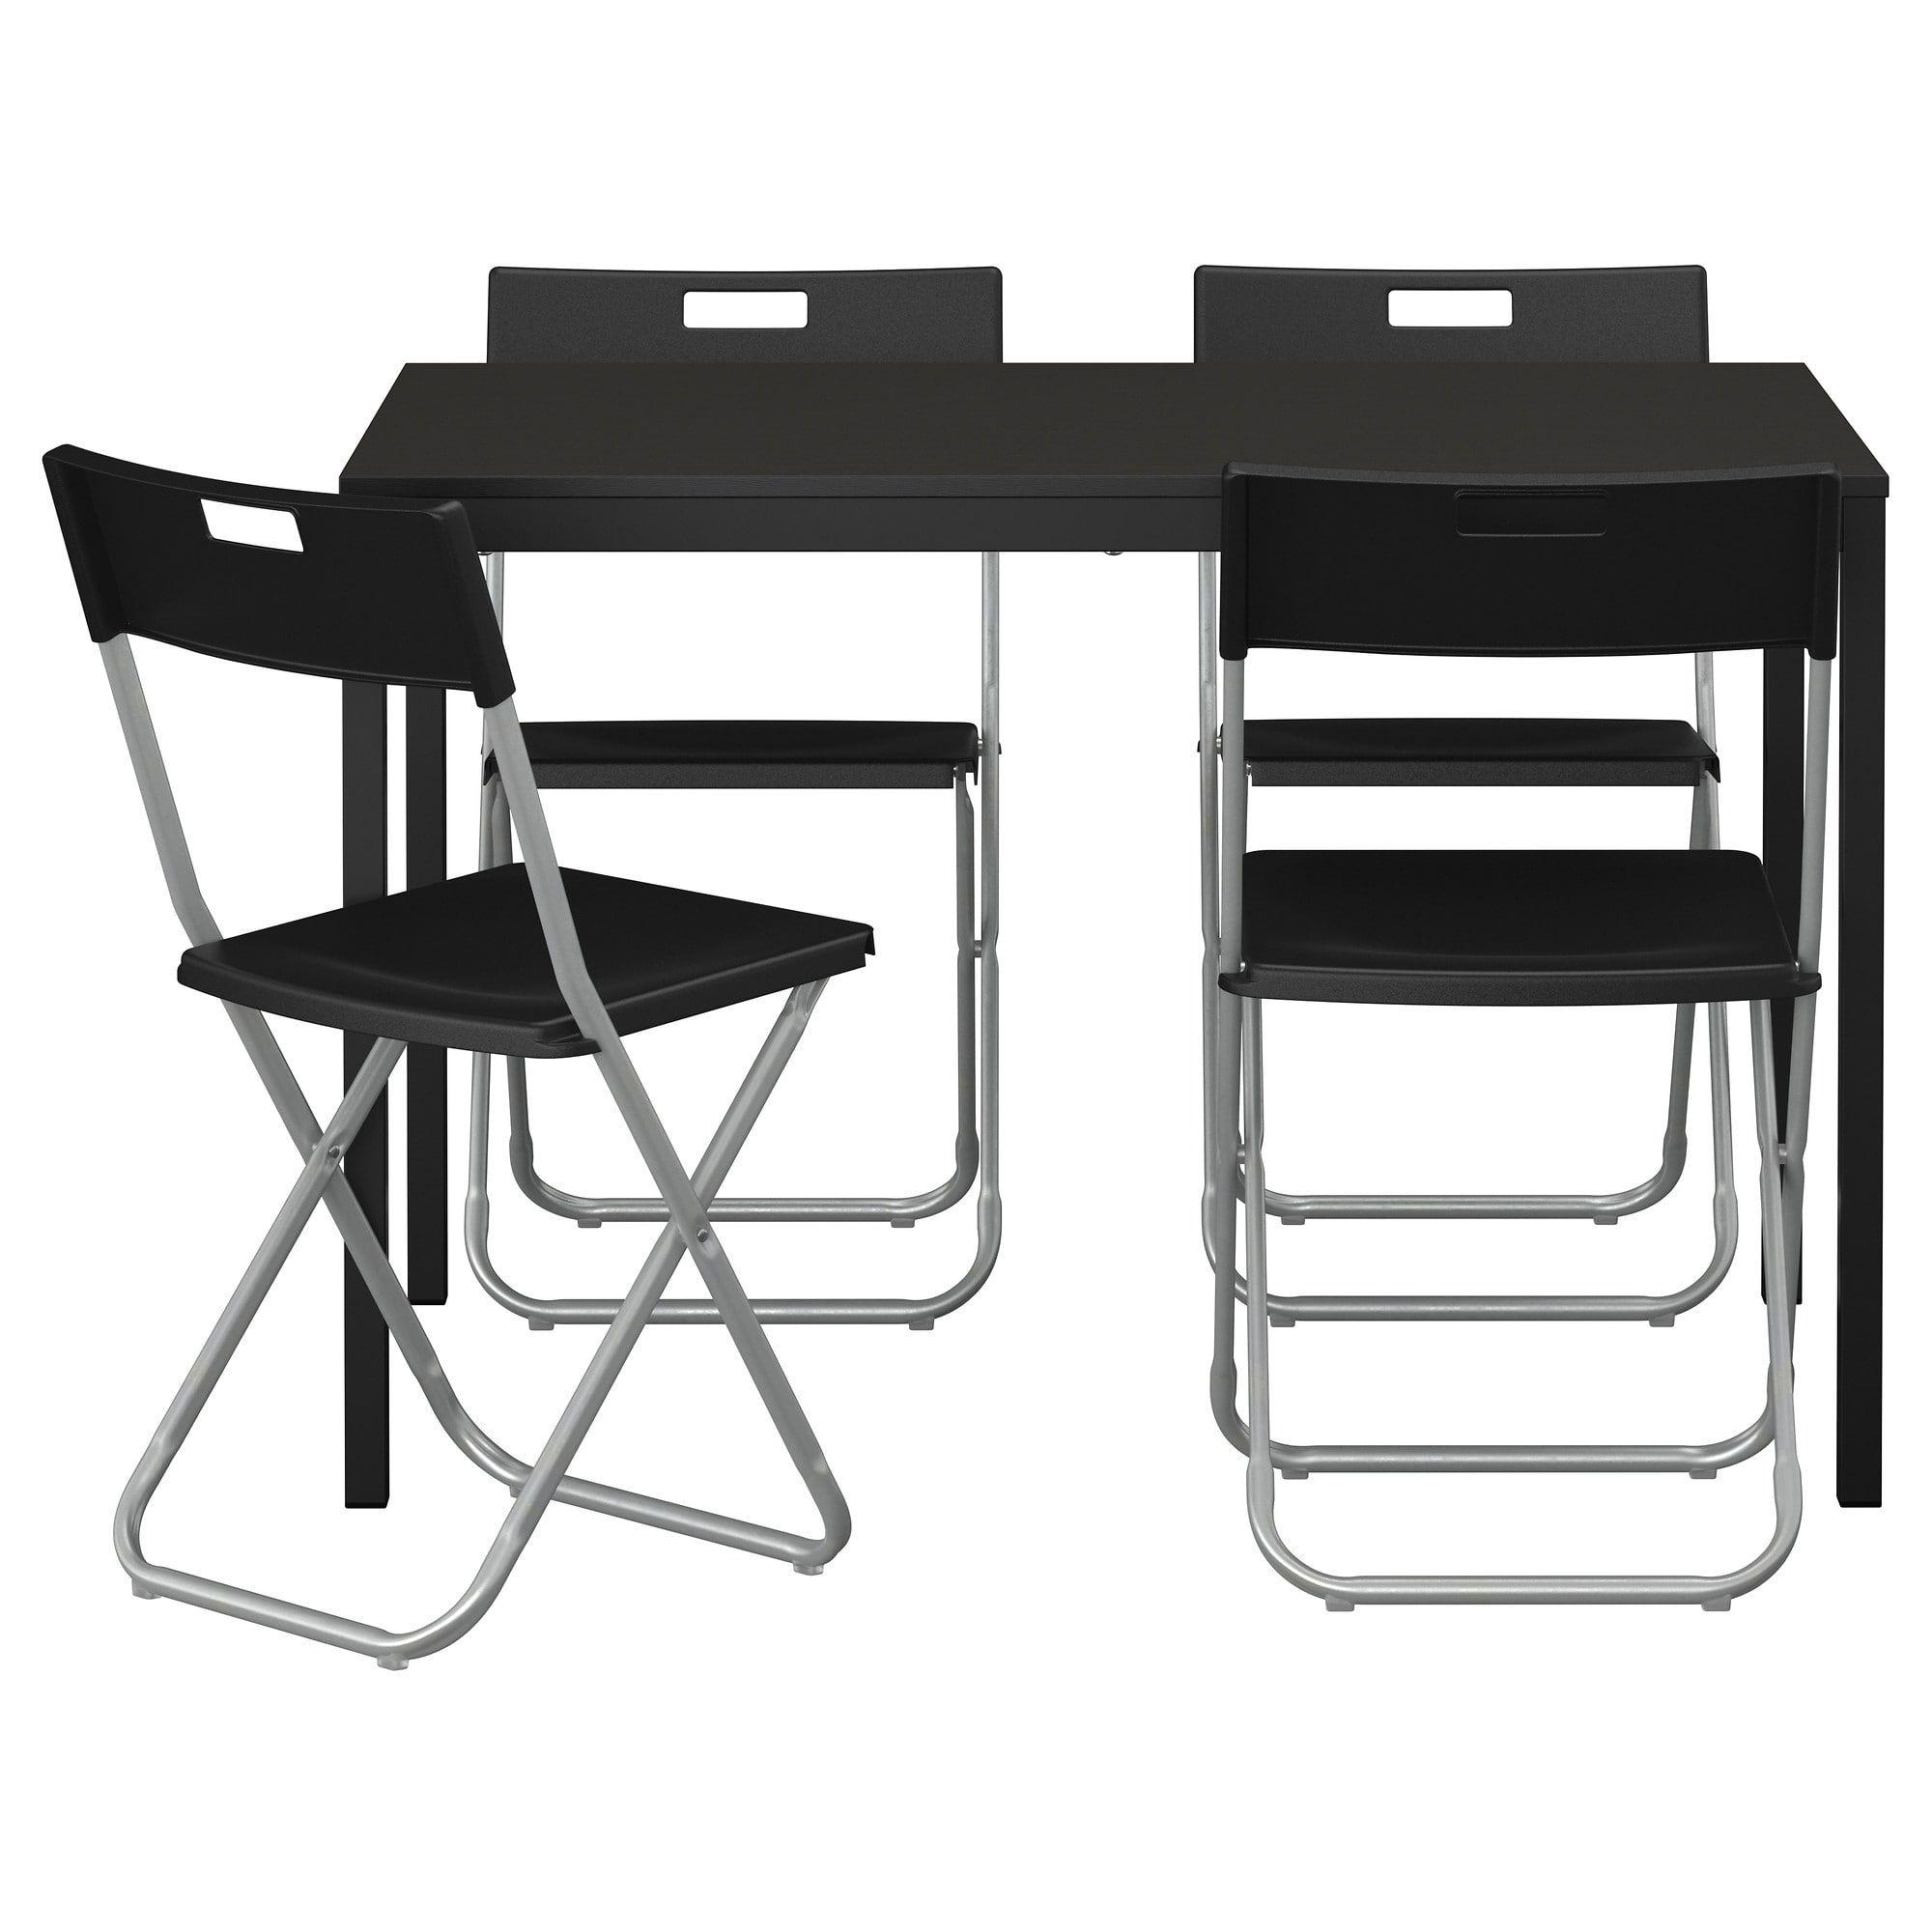 Tarendo Gunde Tisch Und 4 Stuhle Schwarz Ikea Osterreich